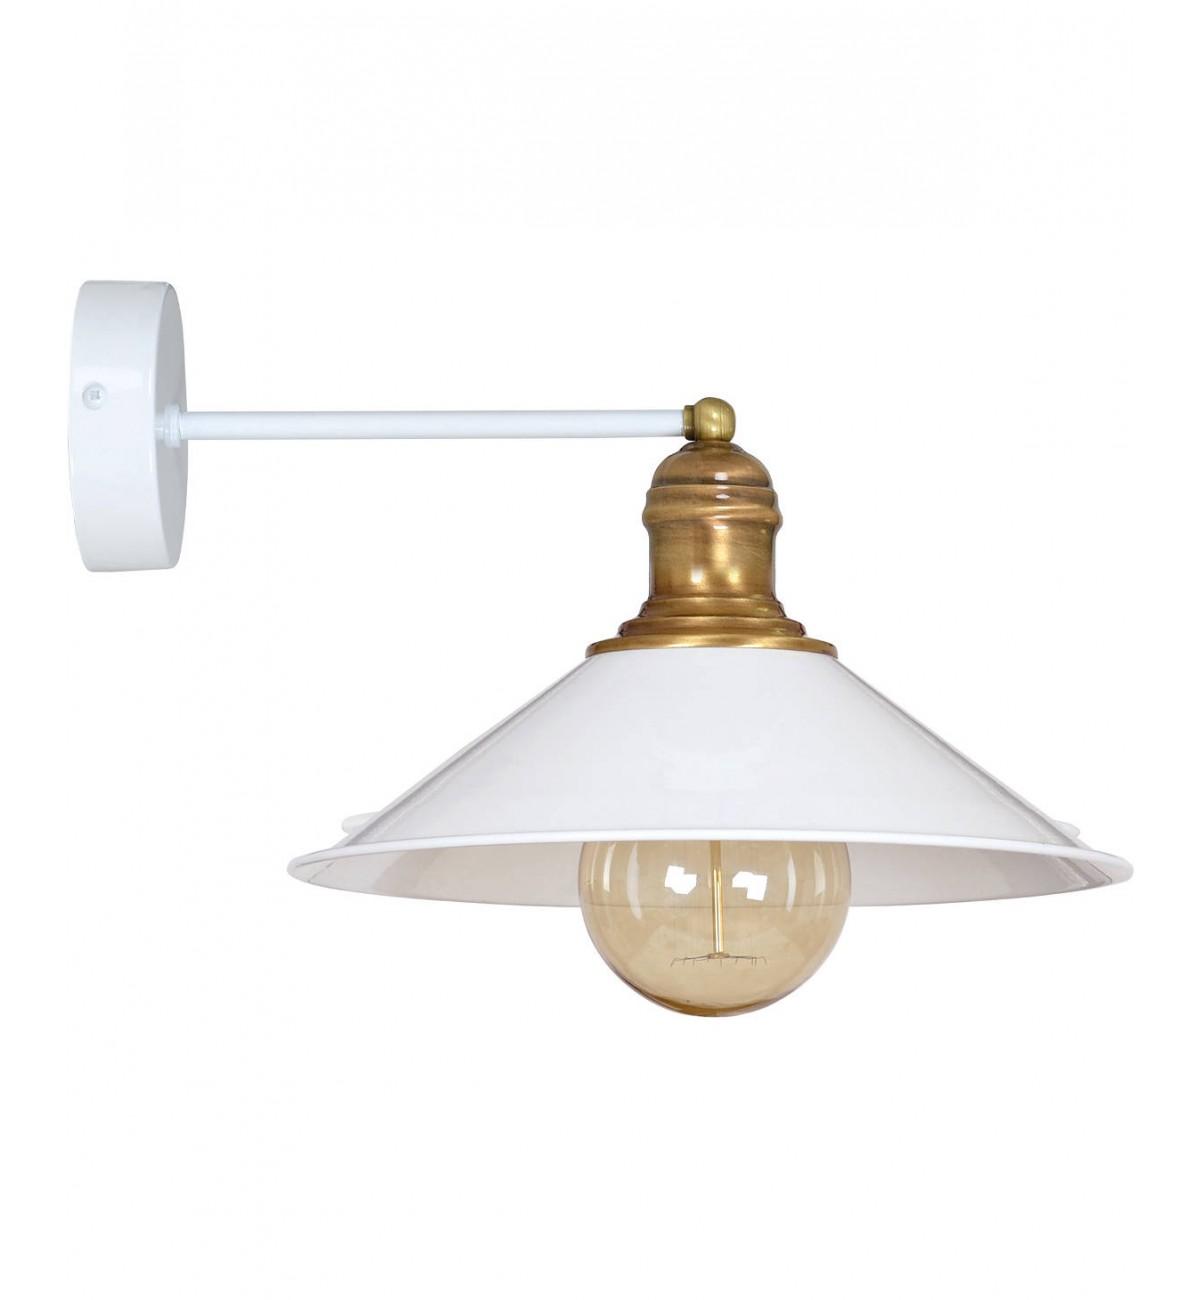 lampa kinkiet w stylu retro oryginalna loft edison Lampa Kinkiet w Stylu Retro Loft Edison